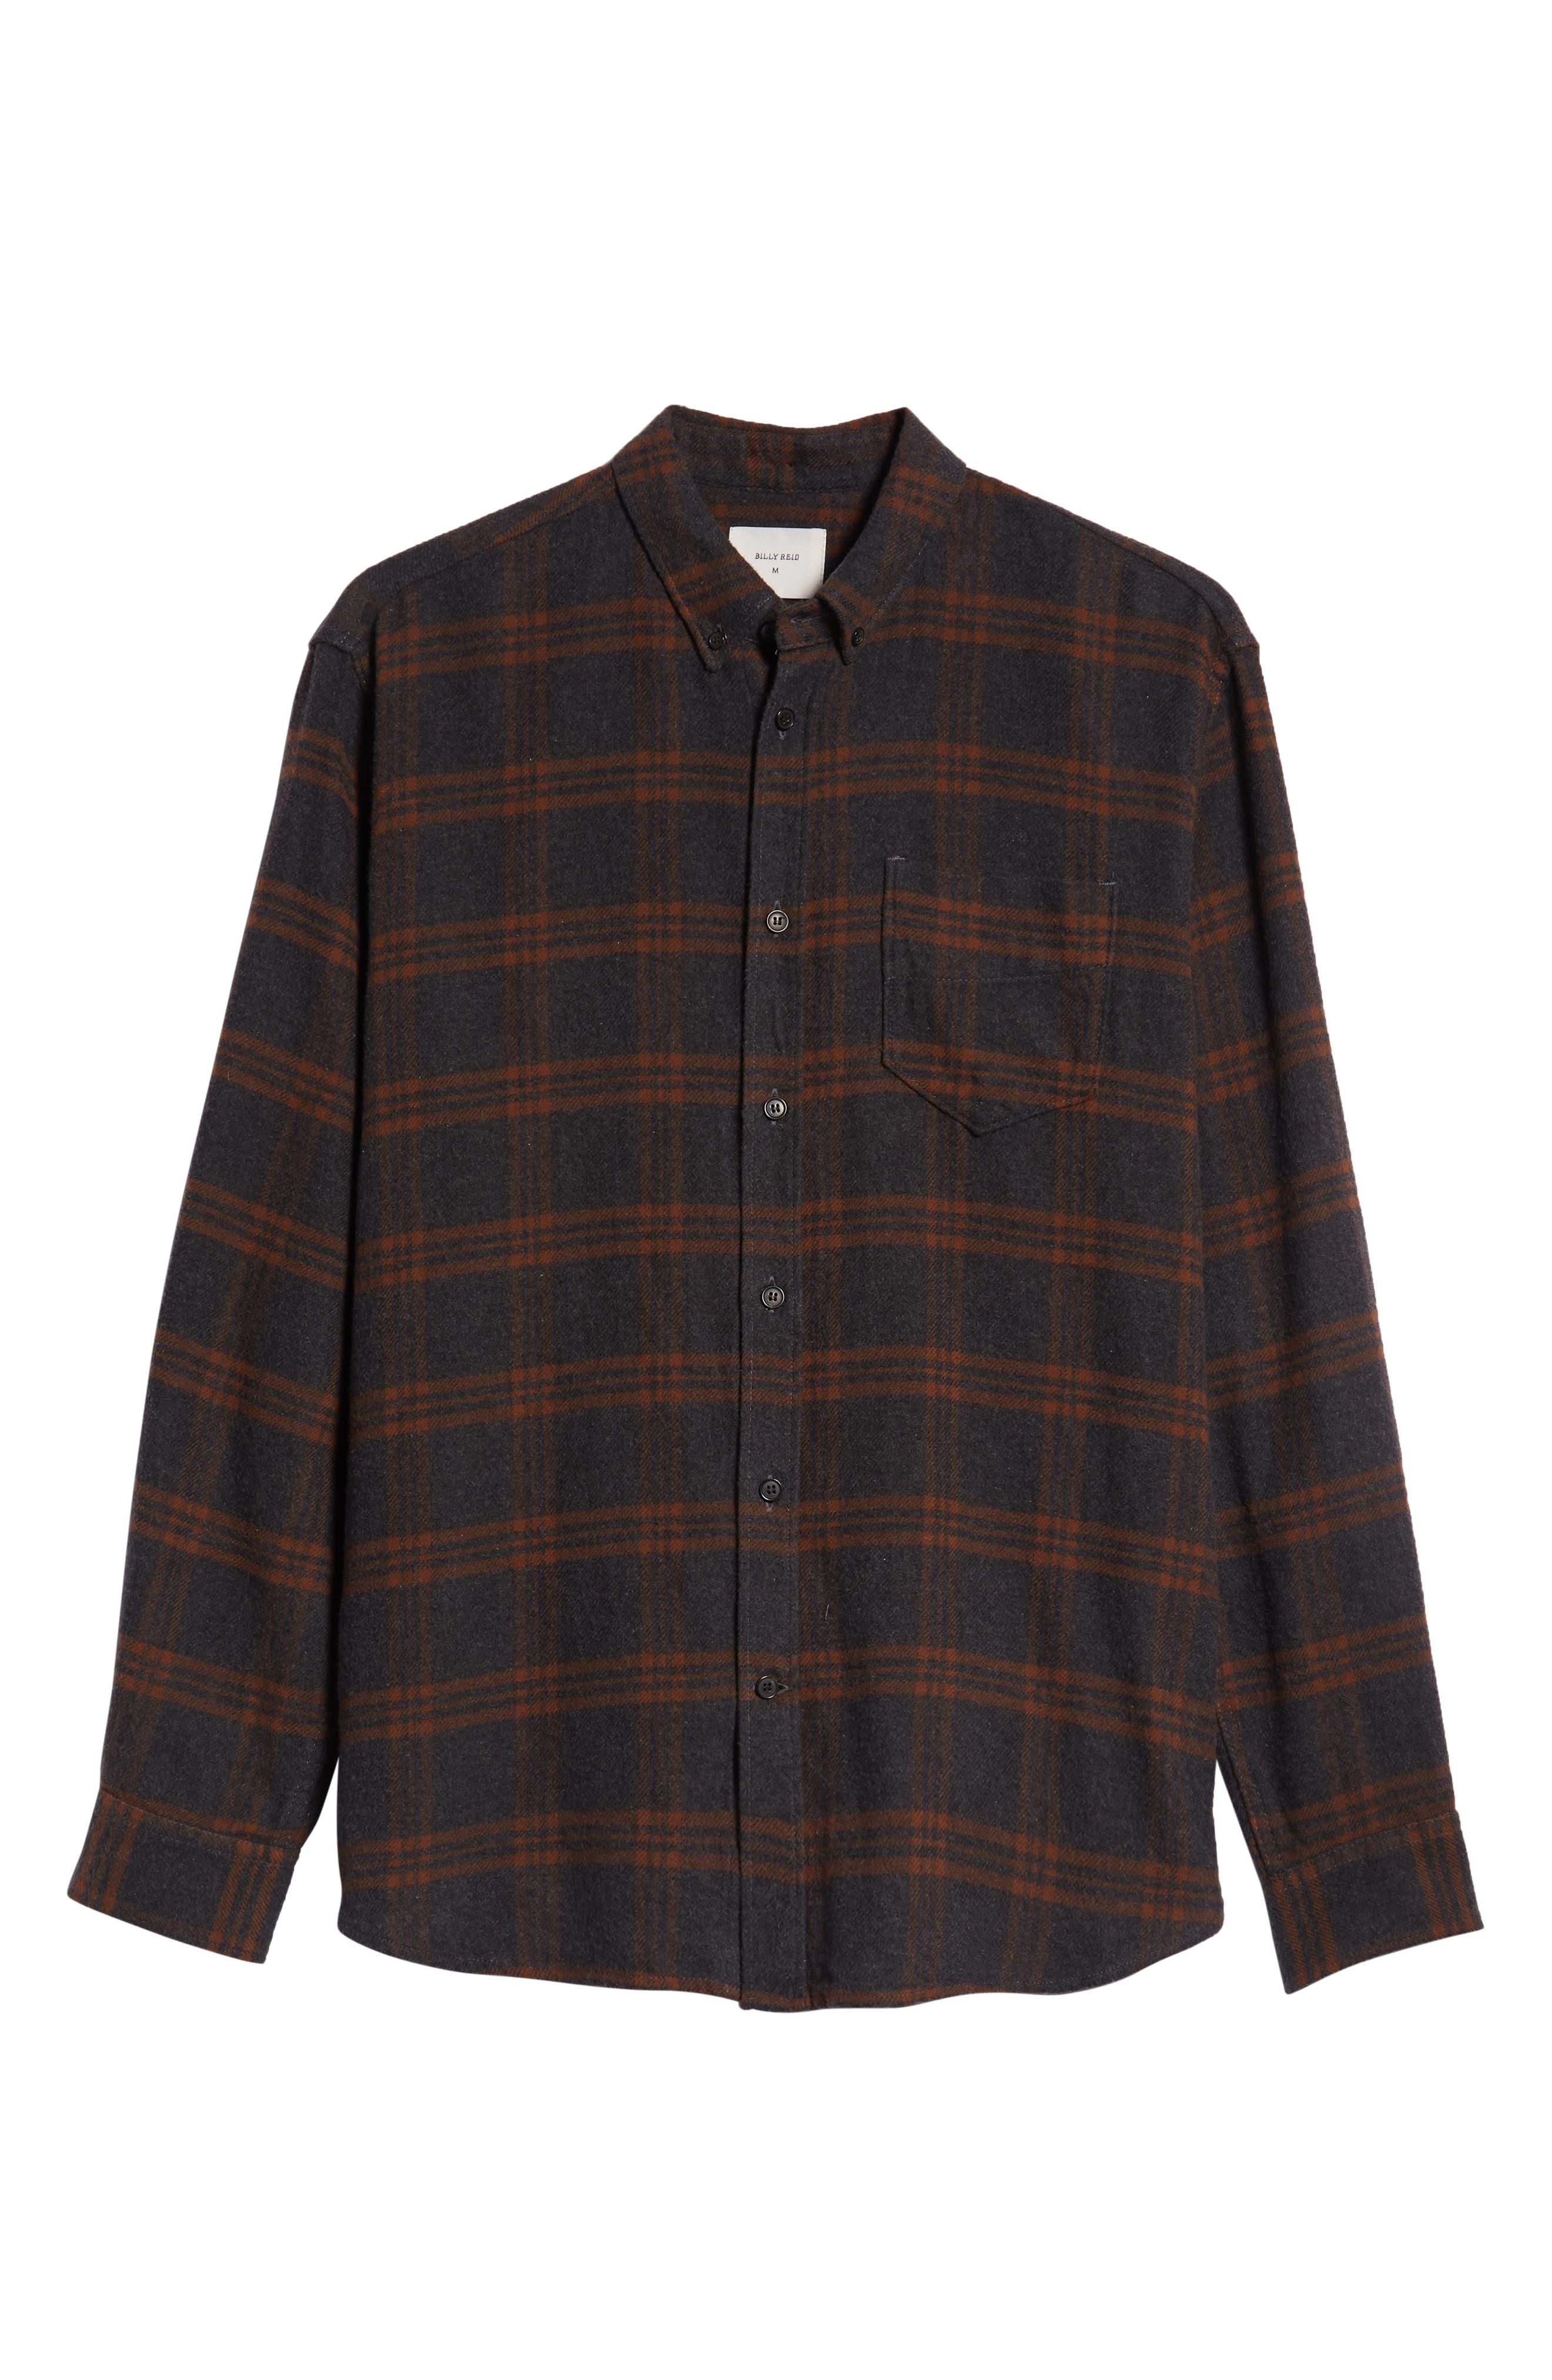 BILLY REID,                             Plaid Cotton Flannel Shirt,                             Alternate thumbnail 6, color,                             020